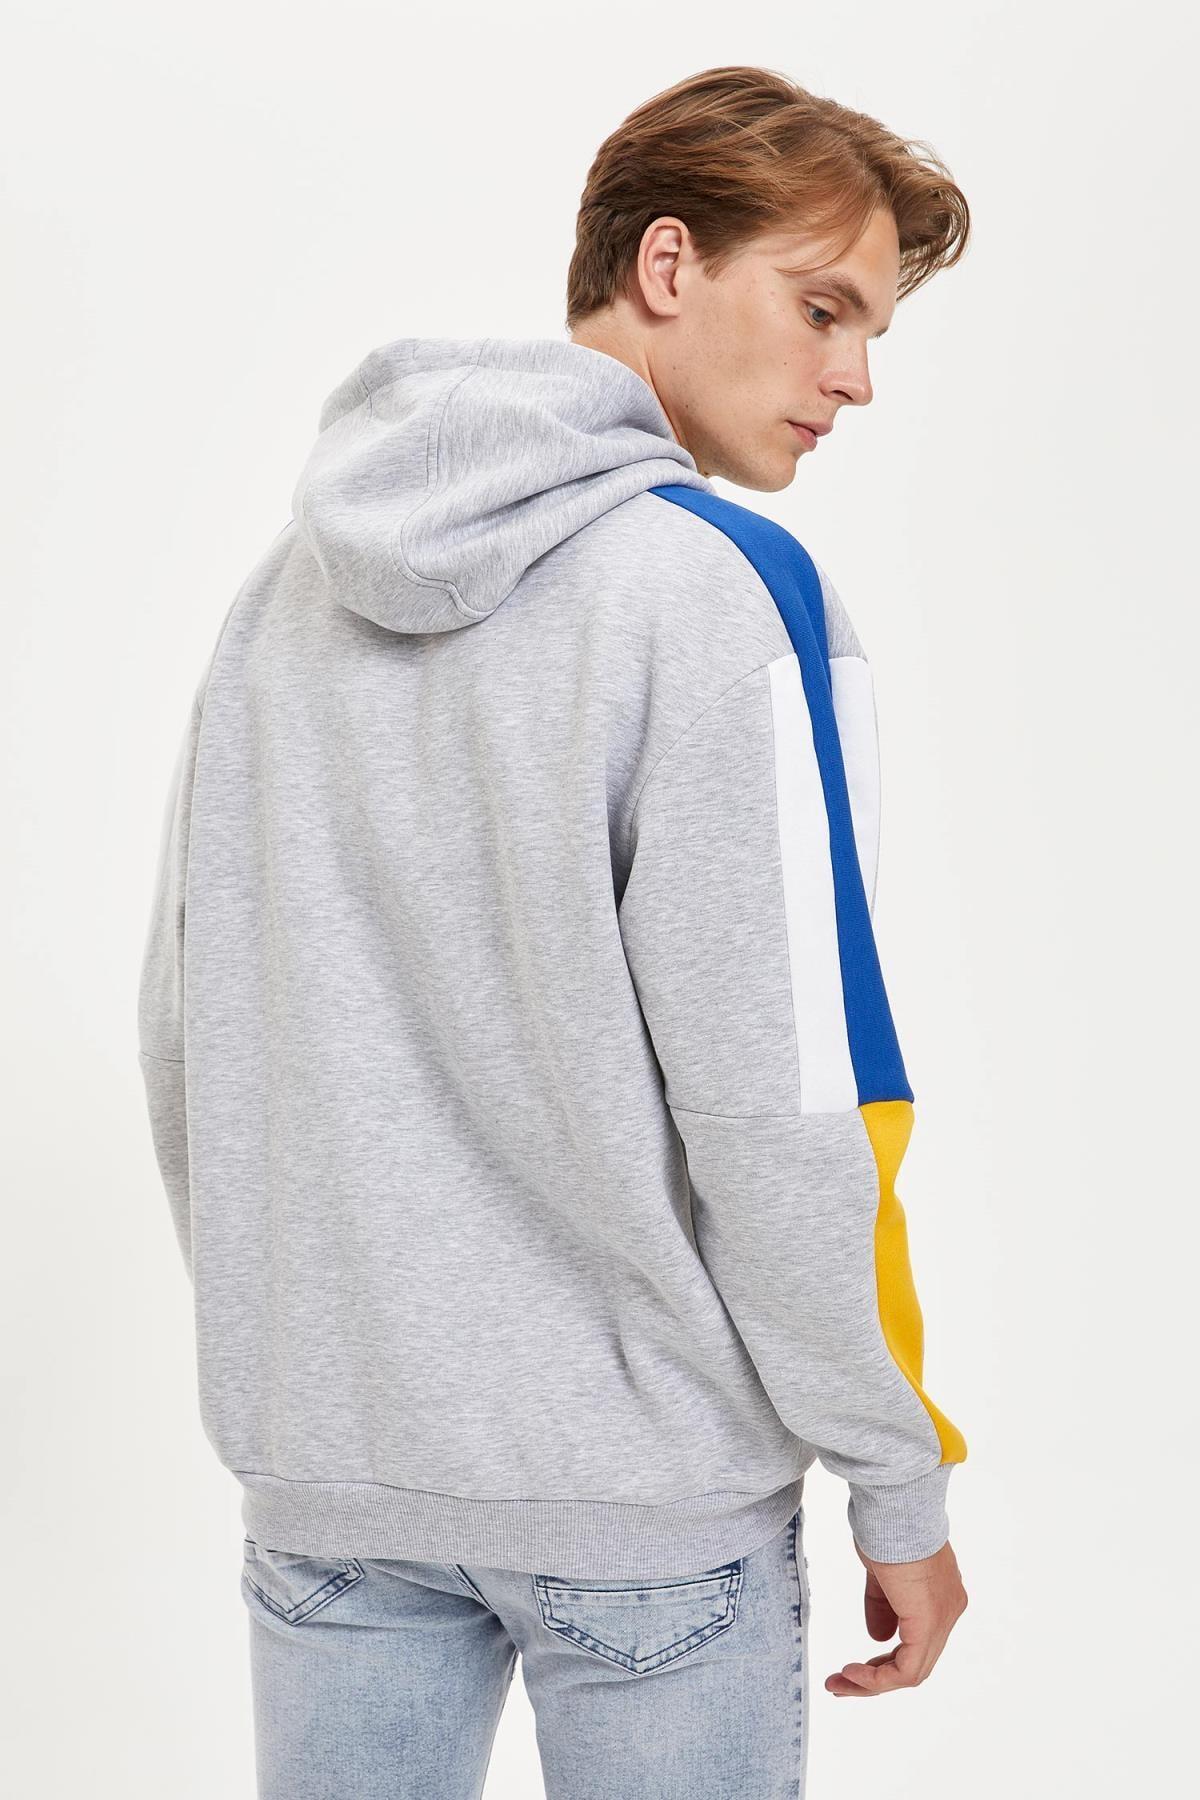 Defacto Fit Erkek Nba Lisanslı Unisex Over Size Fit Kapüşonlu Sweatshirt 4